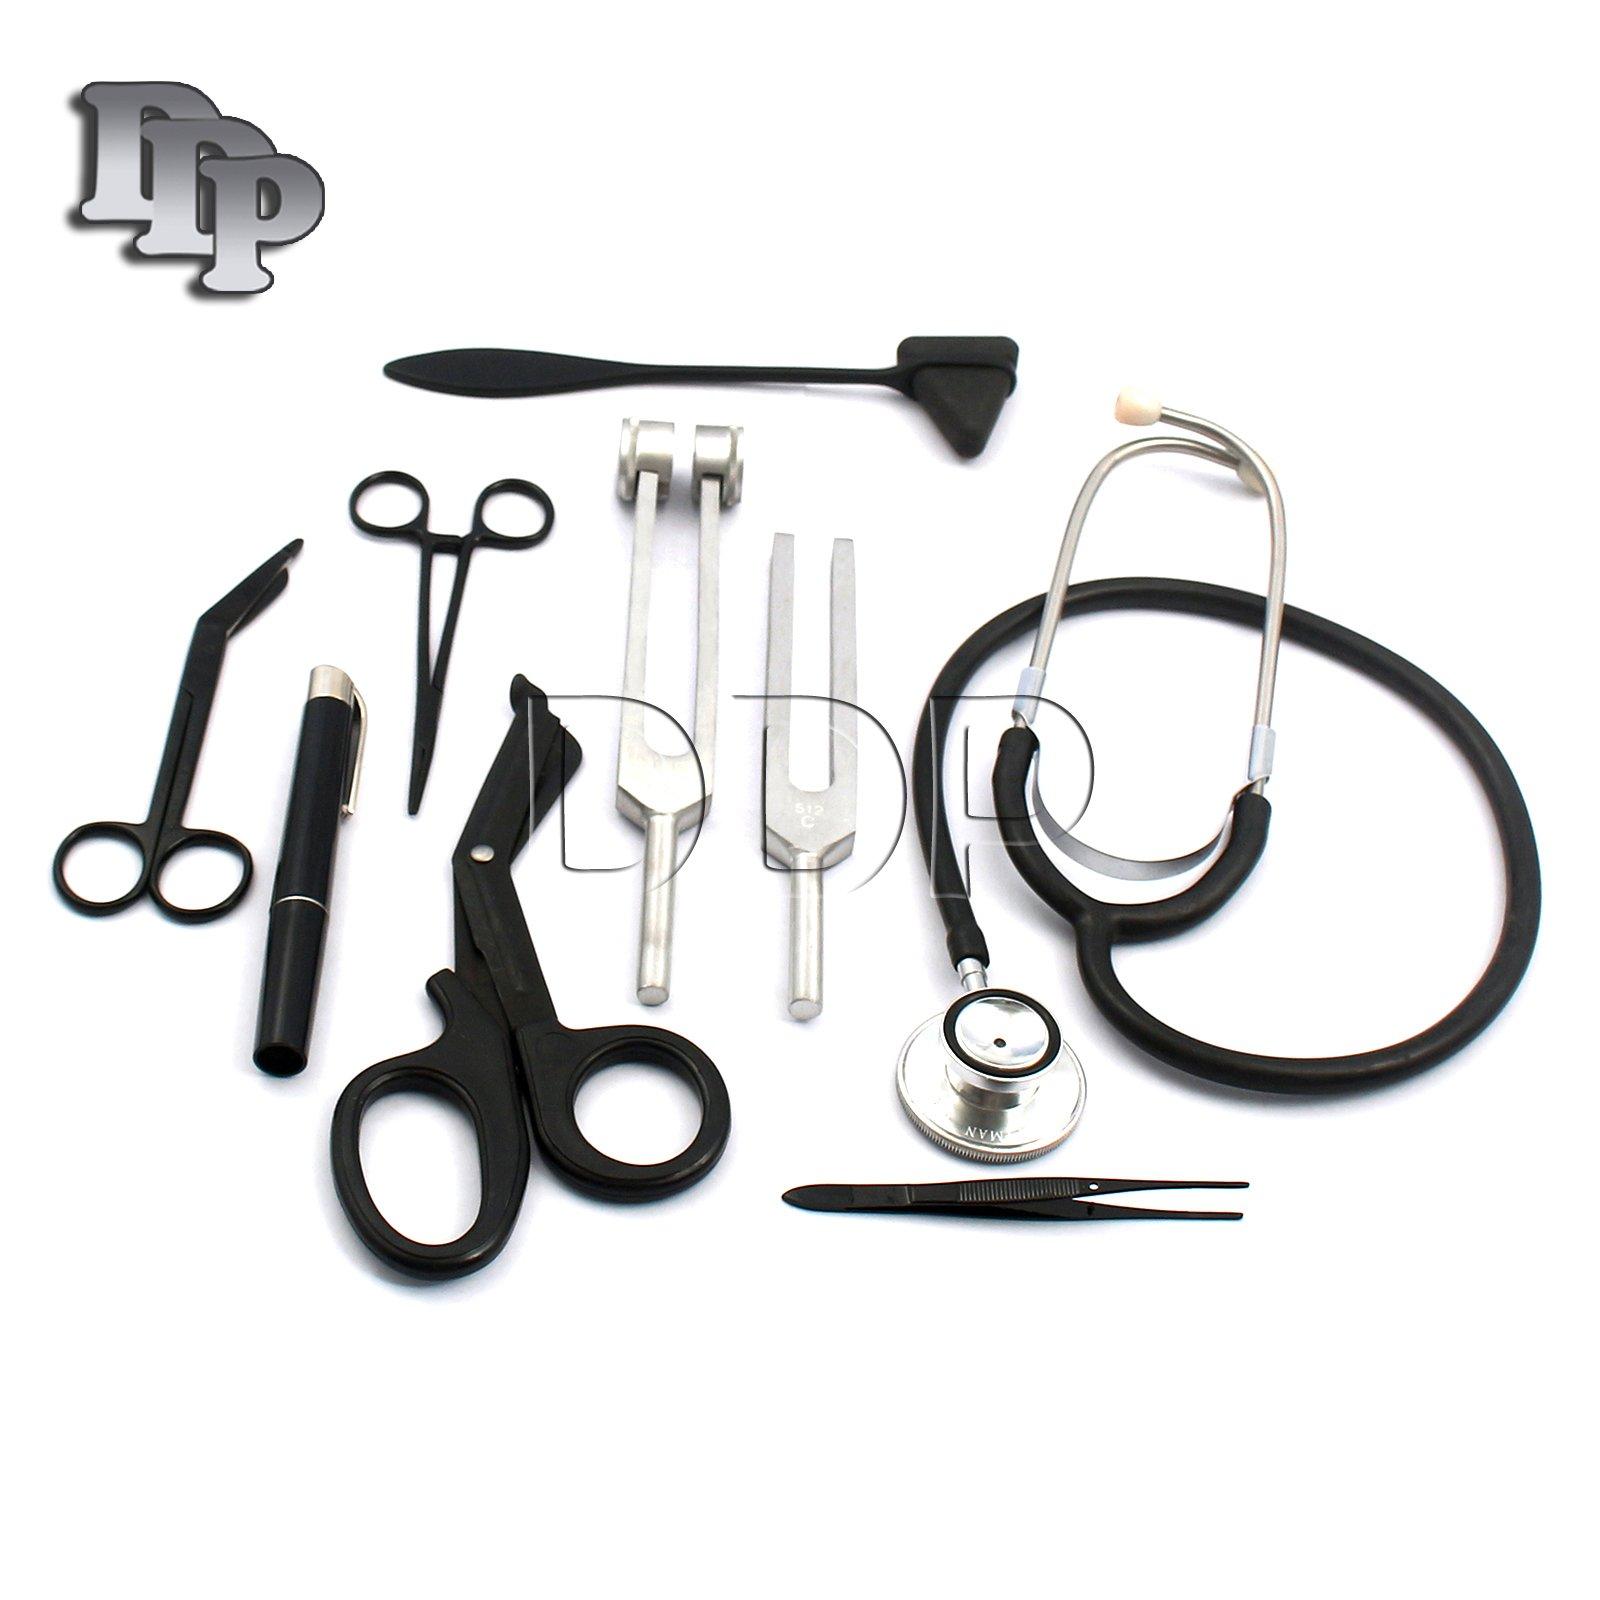 DDP - SOLID BLACK FIRST AID KIT DIAGNOSTIC EMT NURSING MEDICEMS STUDENT PARAMEDIC by DDP (Image #1)